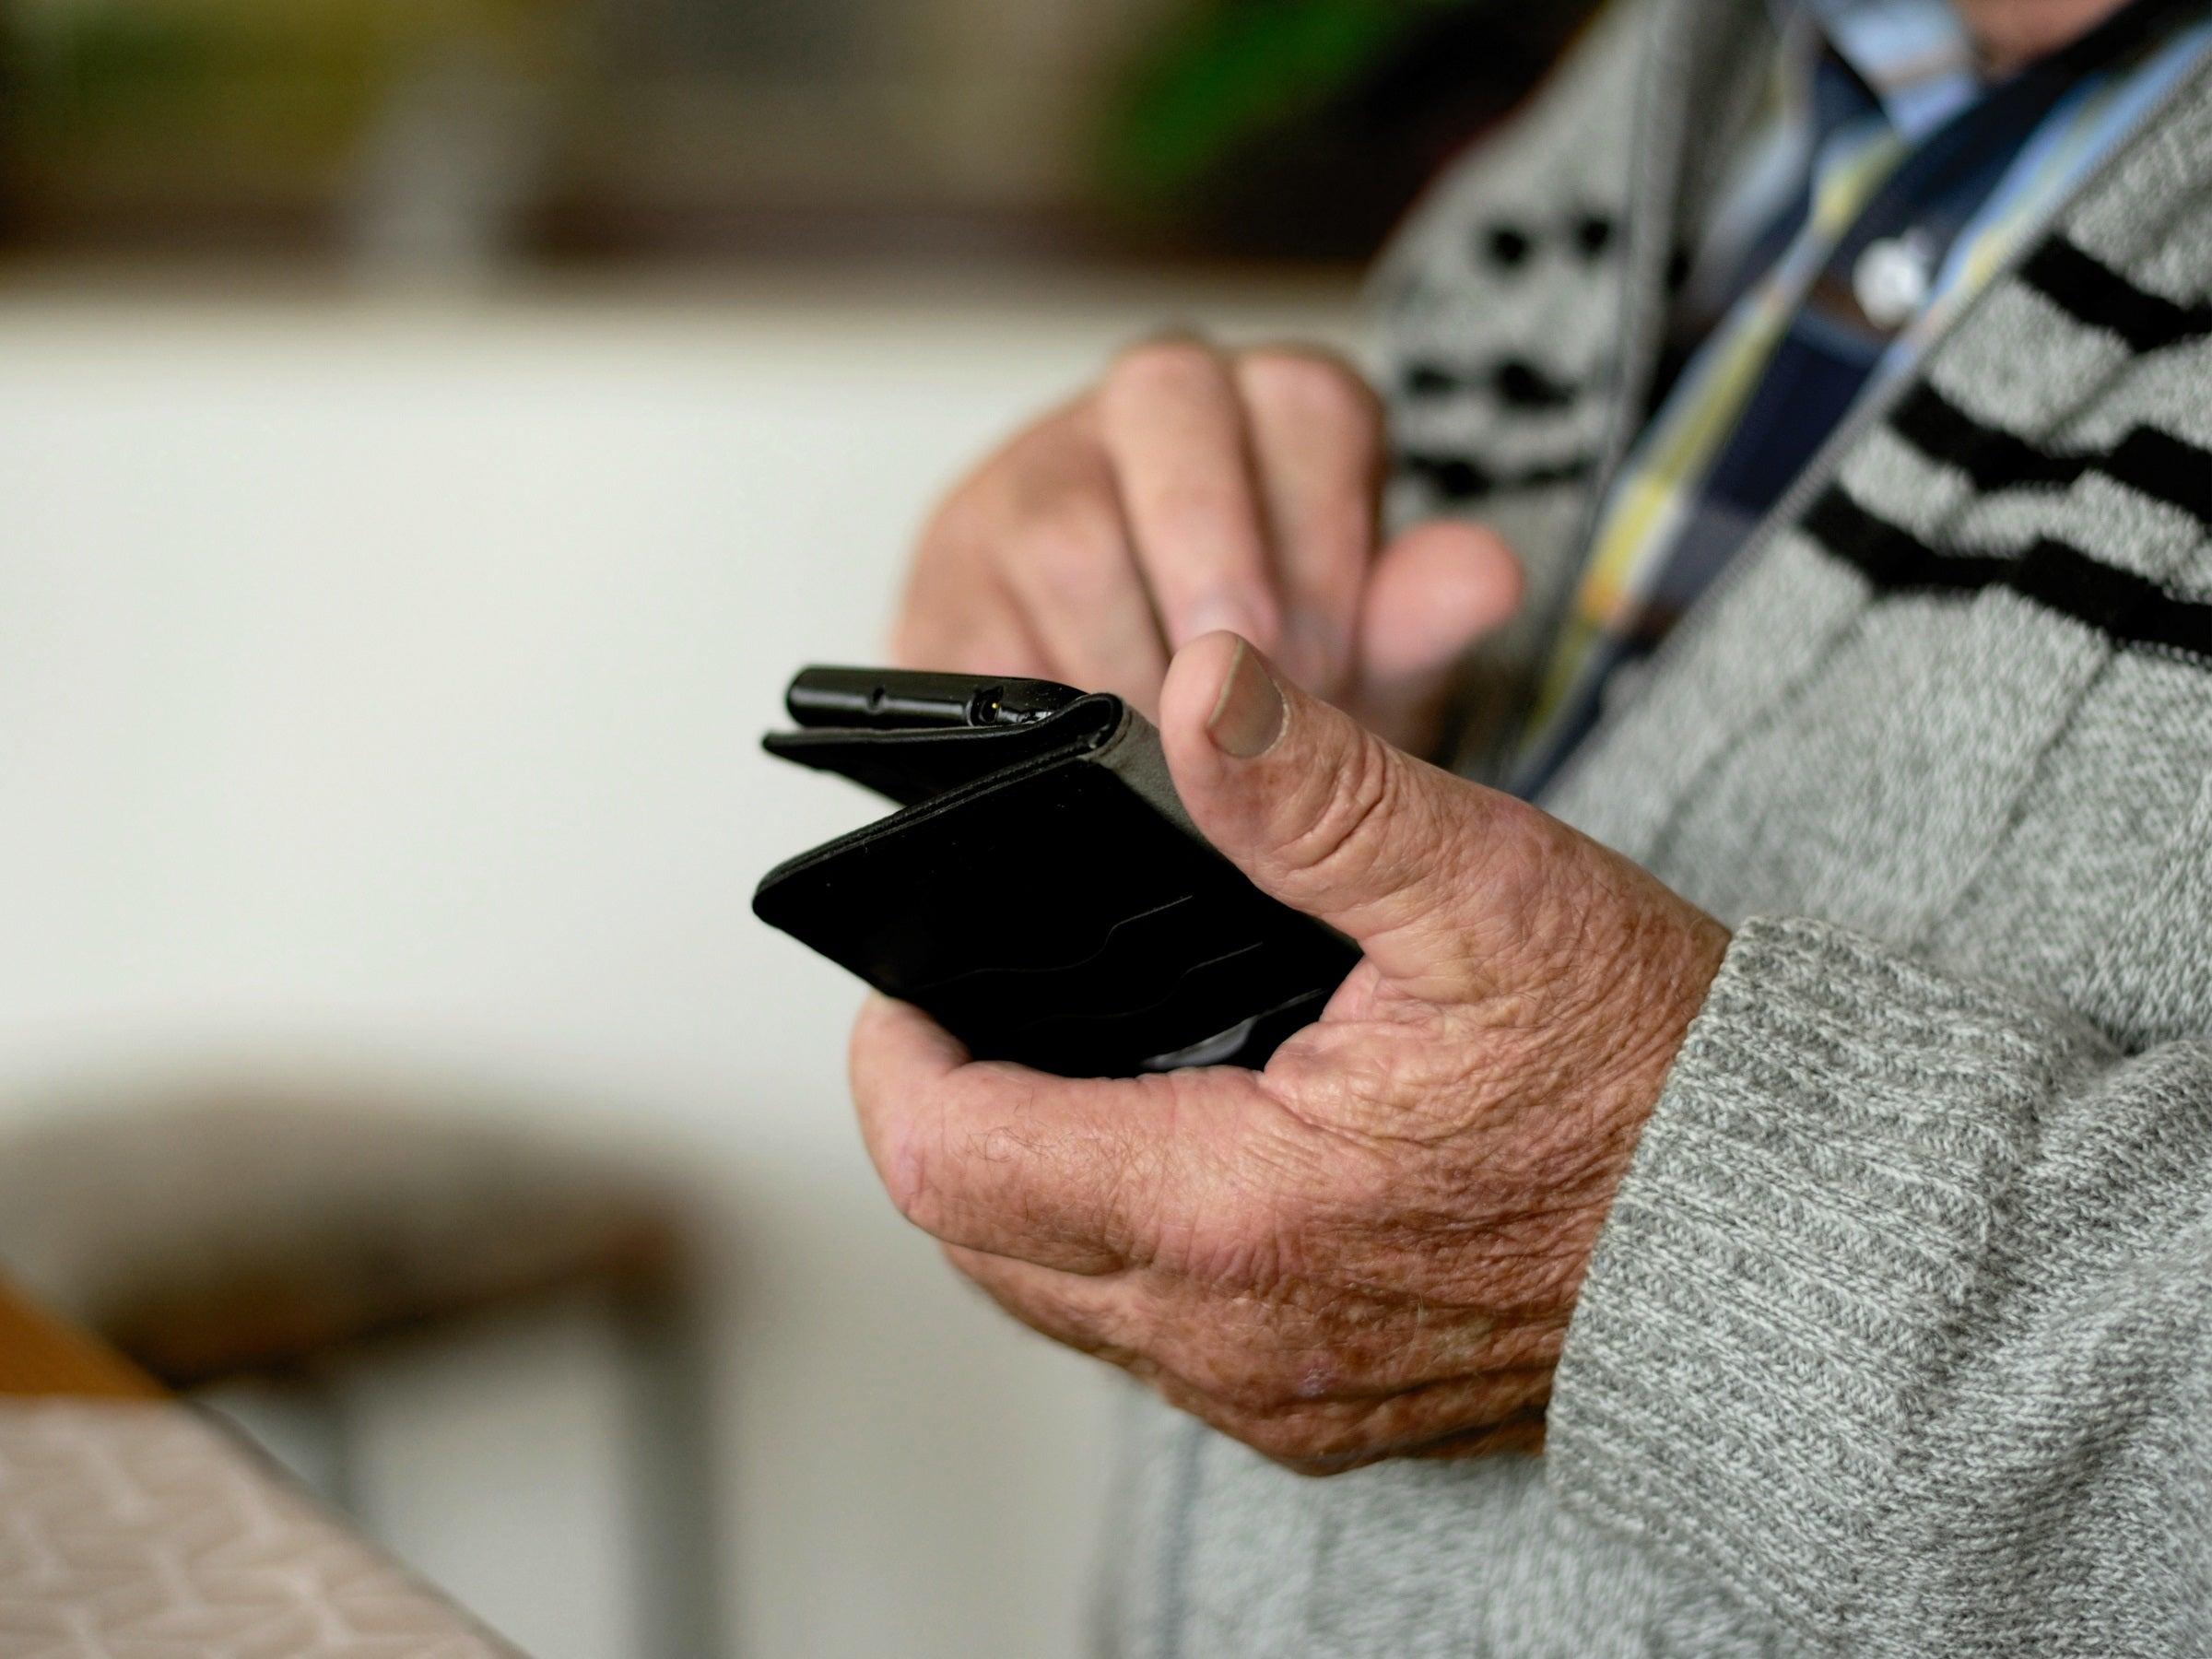 Stiftung Warentest: Das bestes Seniorenhandy ist ein wahres Schnäppchen - inside digital